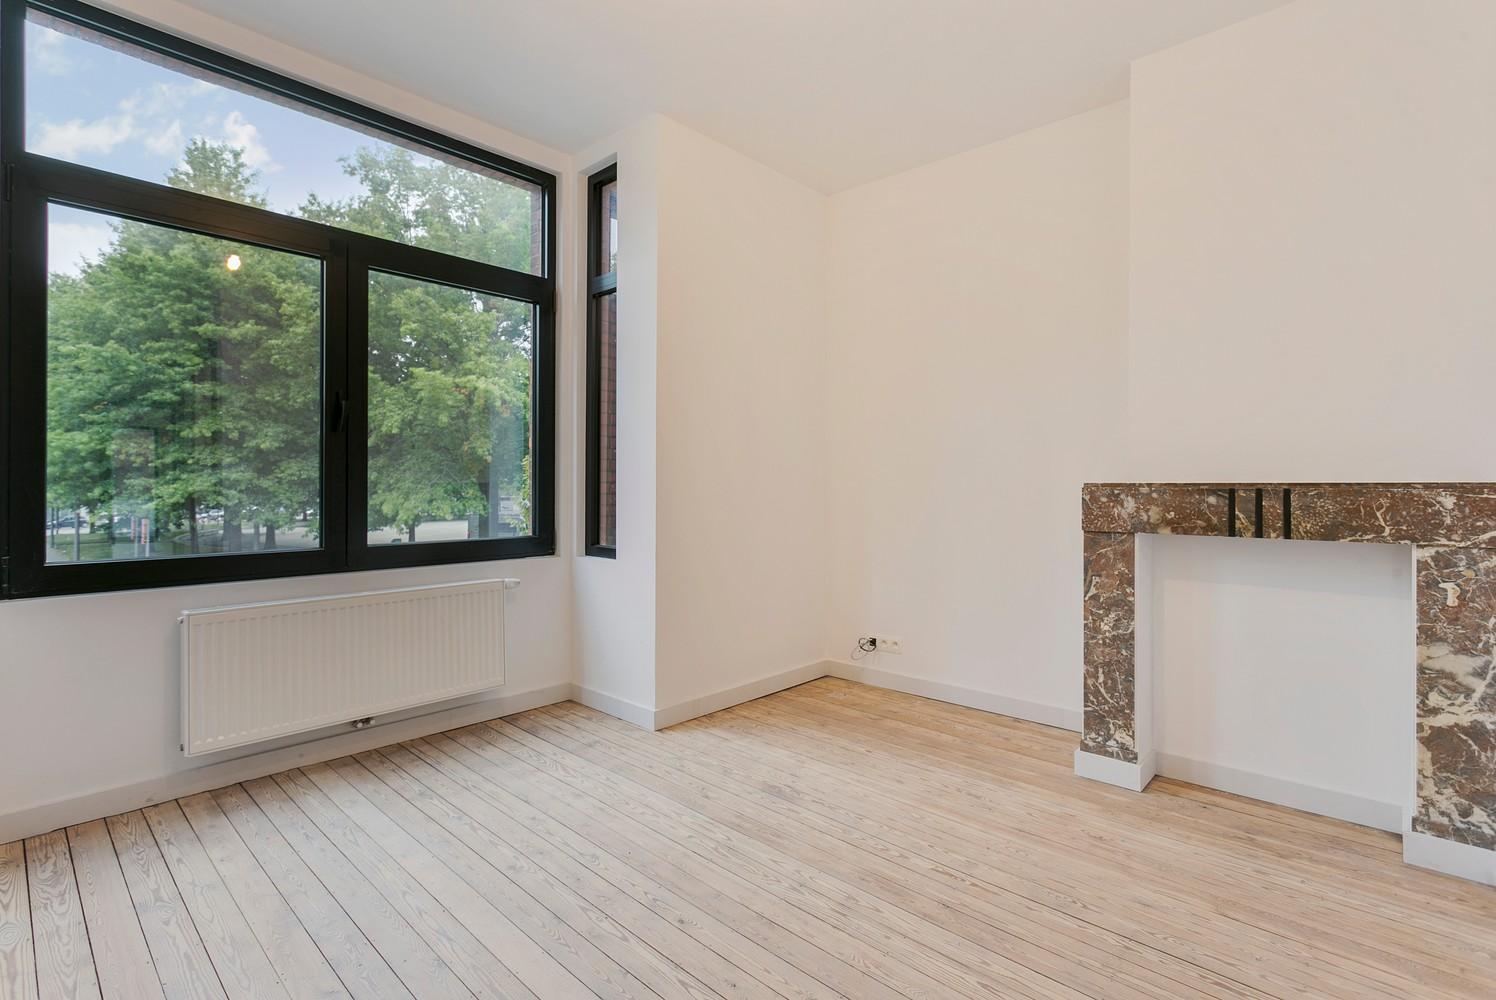 Stijlvol gerenoveerd appartement met één slaapkamer en terras te Merksem! afbeelding 11